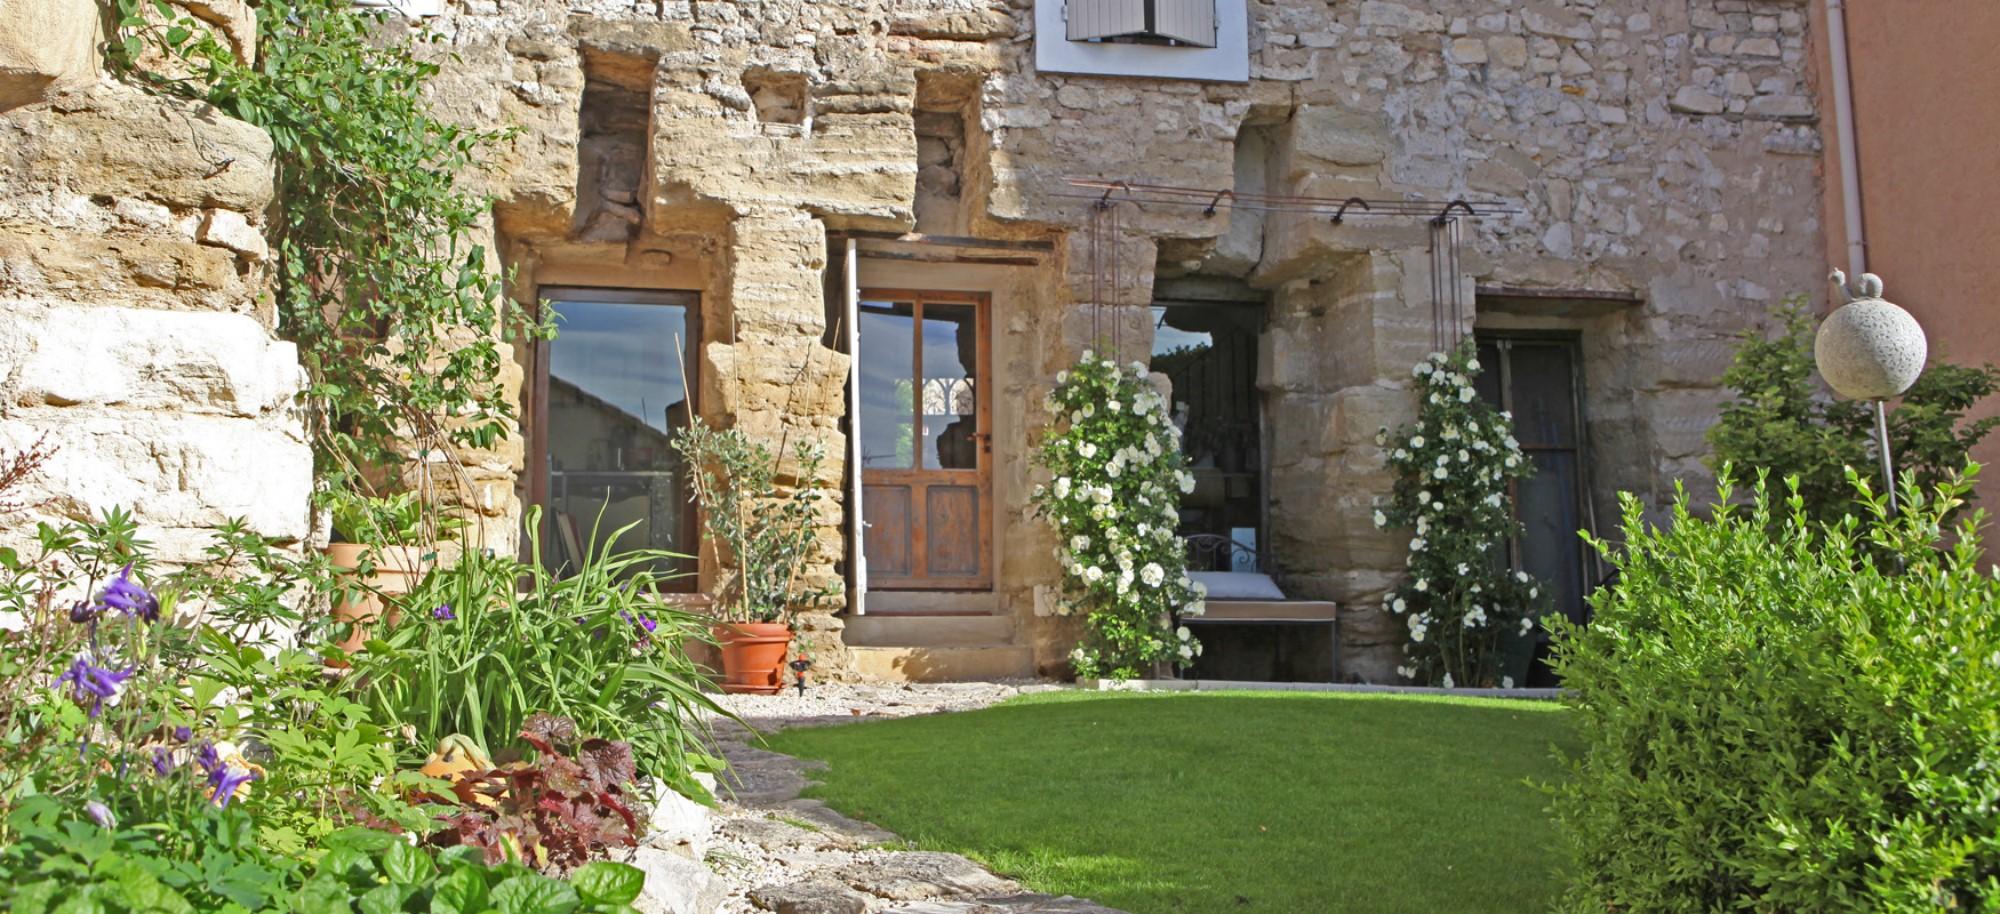 ventes a vendre aux portes du luberon propri t constitu e de plusieurs b timents avec jardin. Black Bedroom Furniture Sets. Home Design Ideas